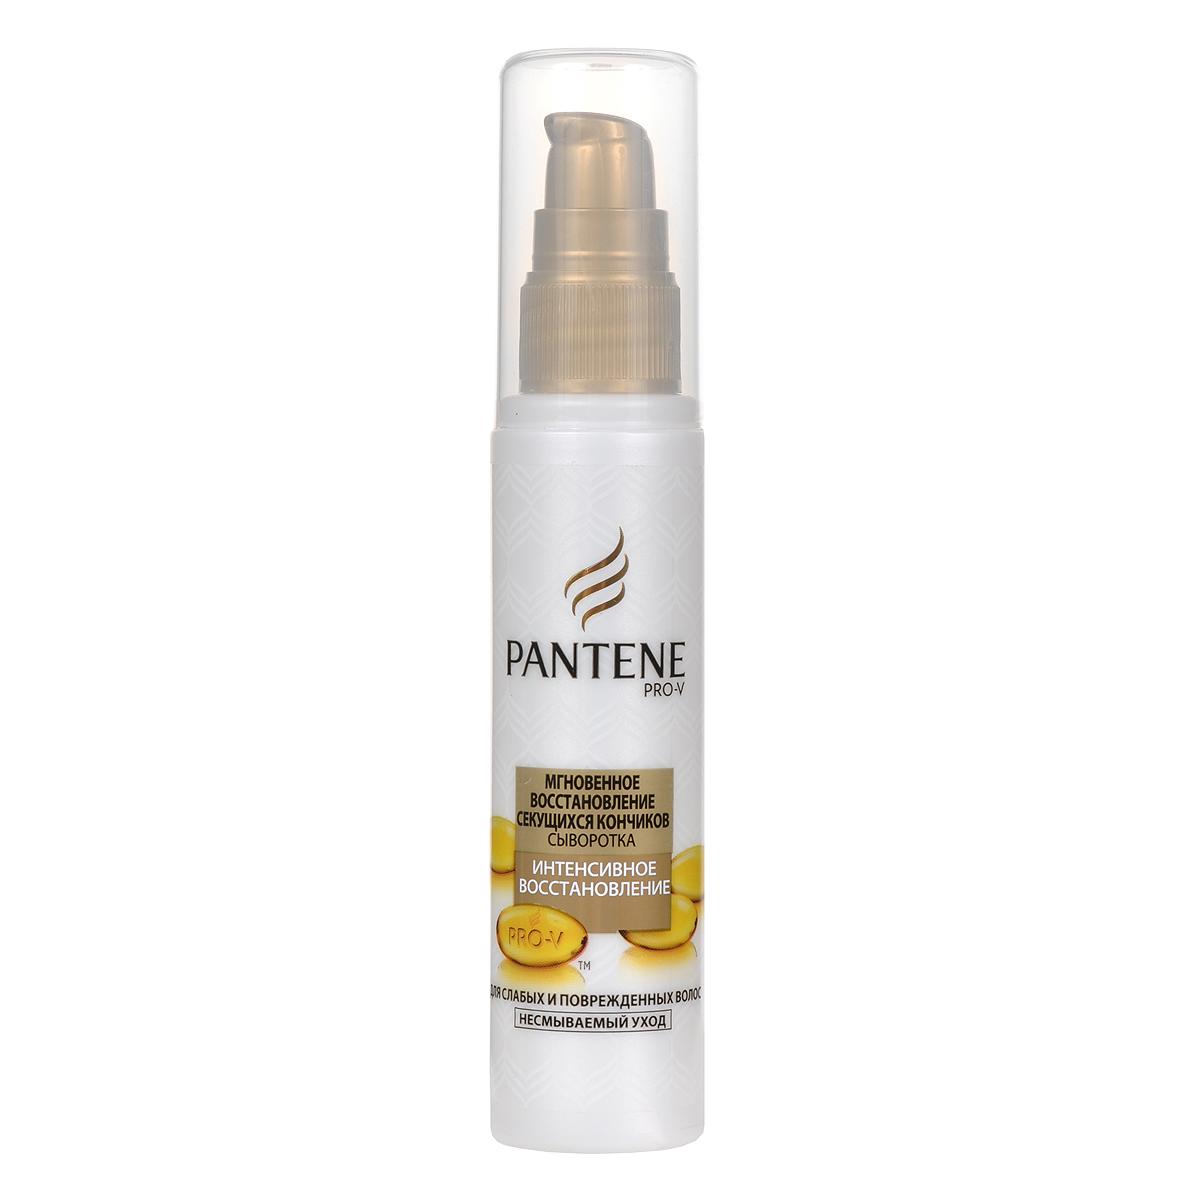 Pantene Pro-V Сыворотка для секущихся кончиков Мгновенное восстановление, для слабых и поврежденных волос, 75 мл